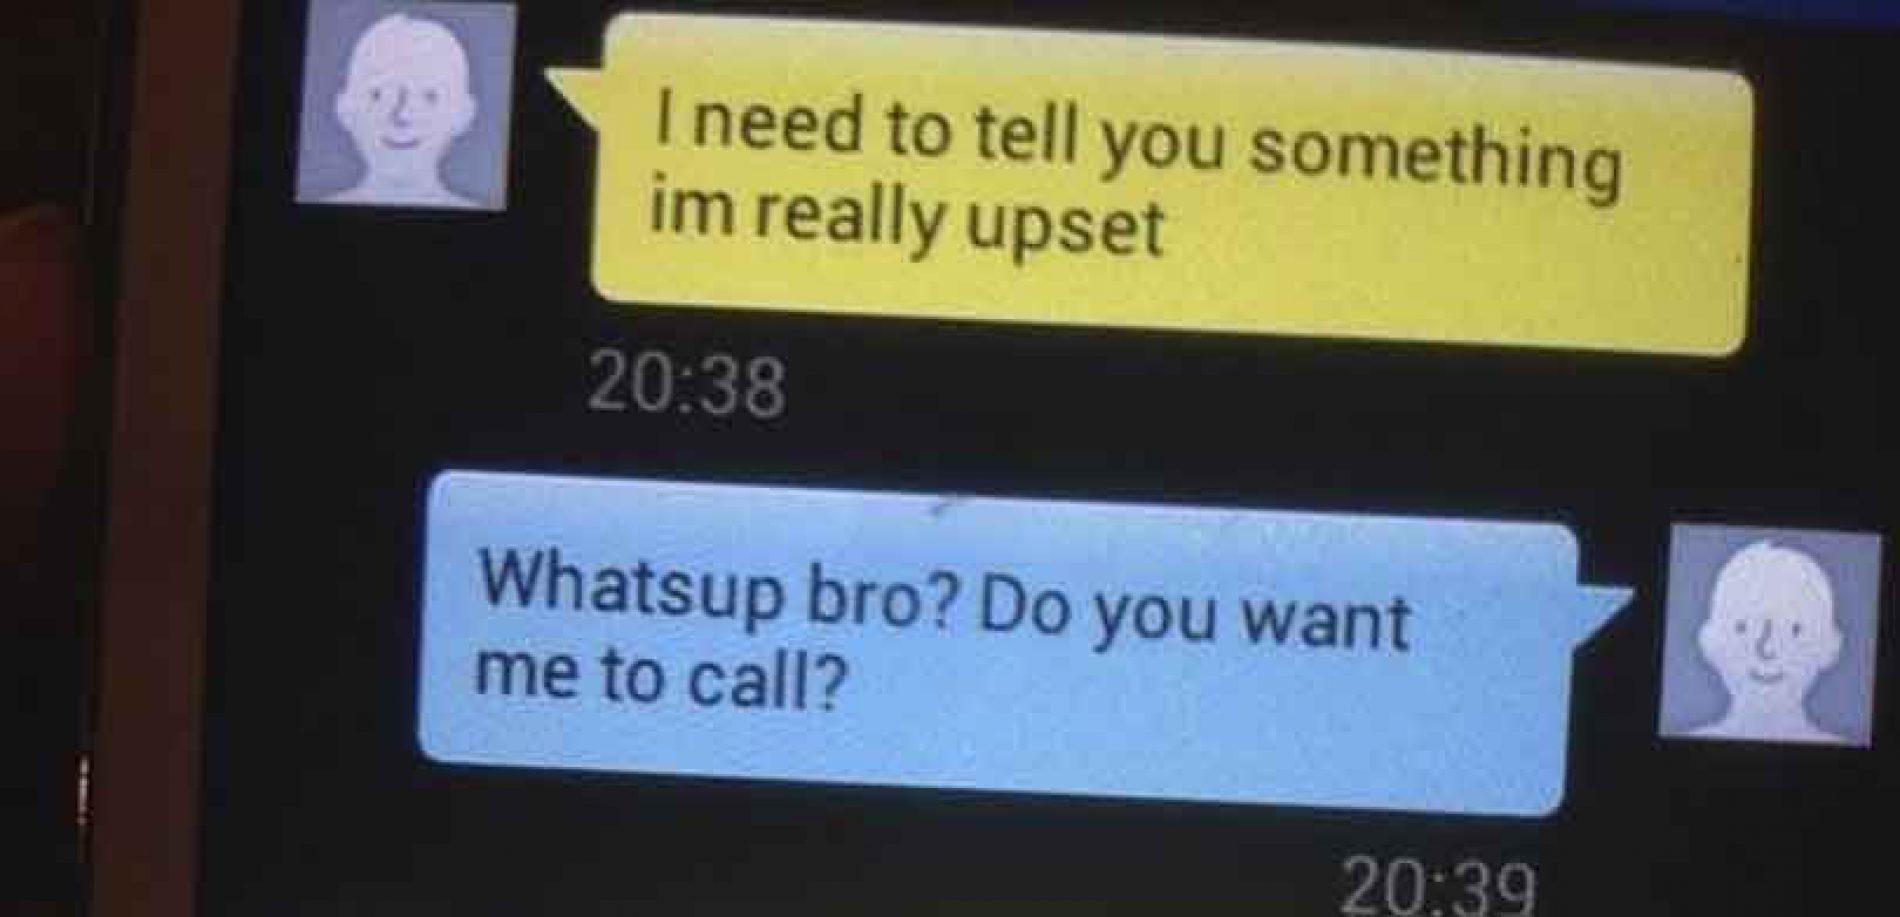 Forteller vennen at han er homofil – svaret han får er fantastisk!